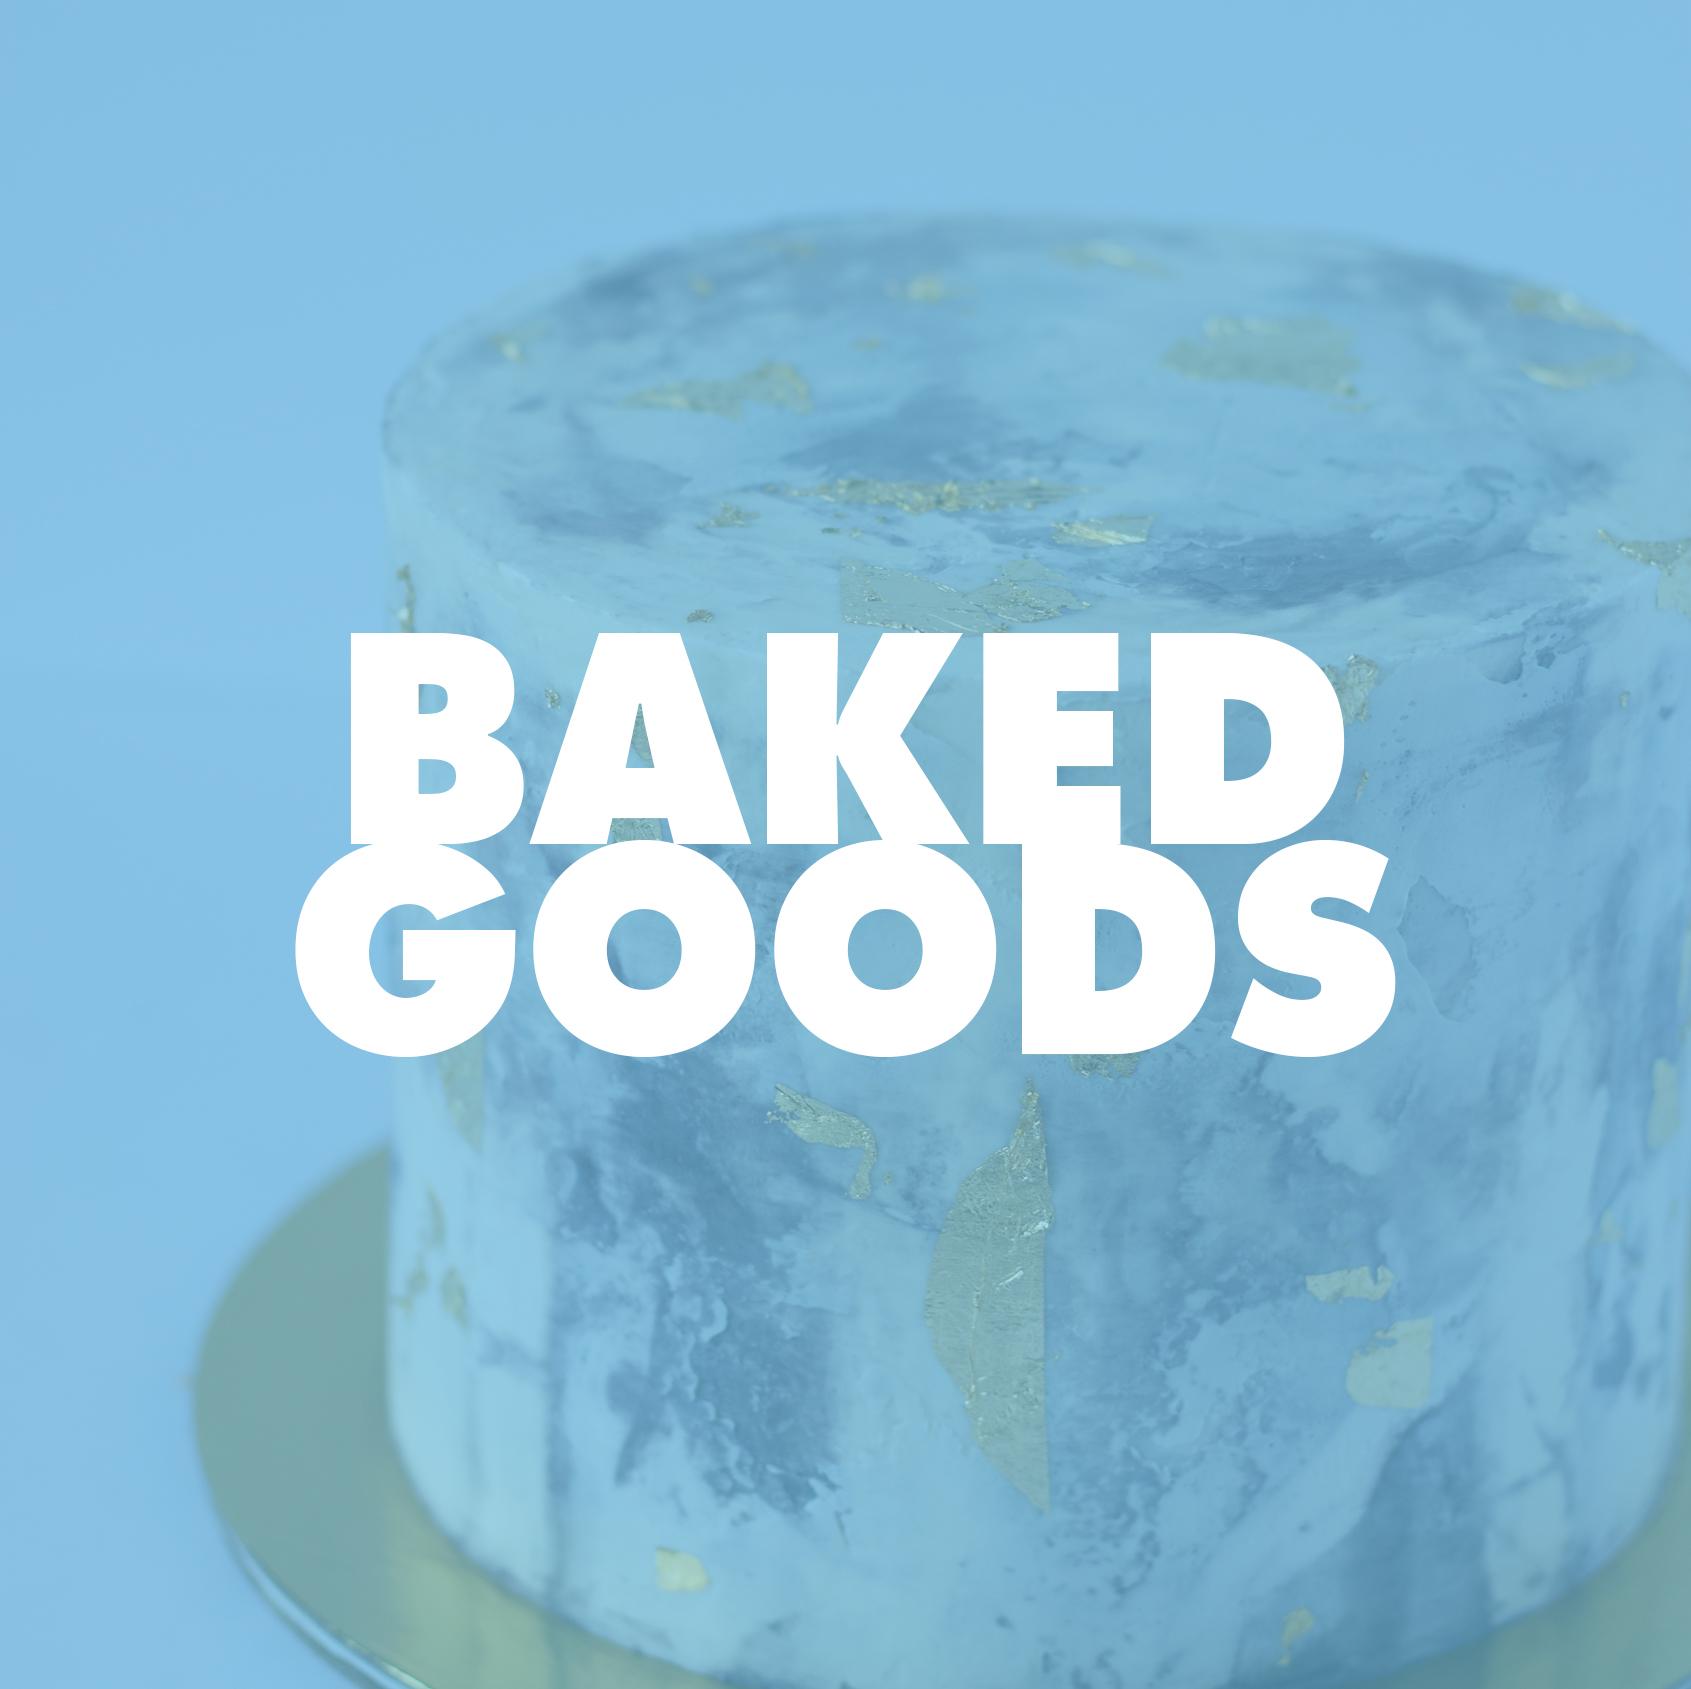 baked-goods-mar-2019.jpg